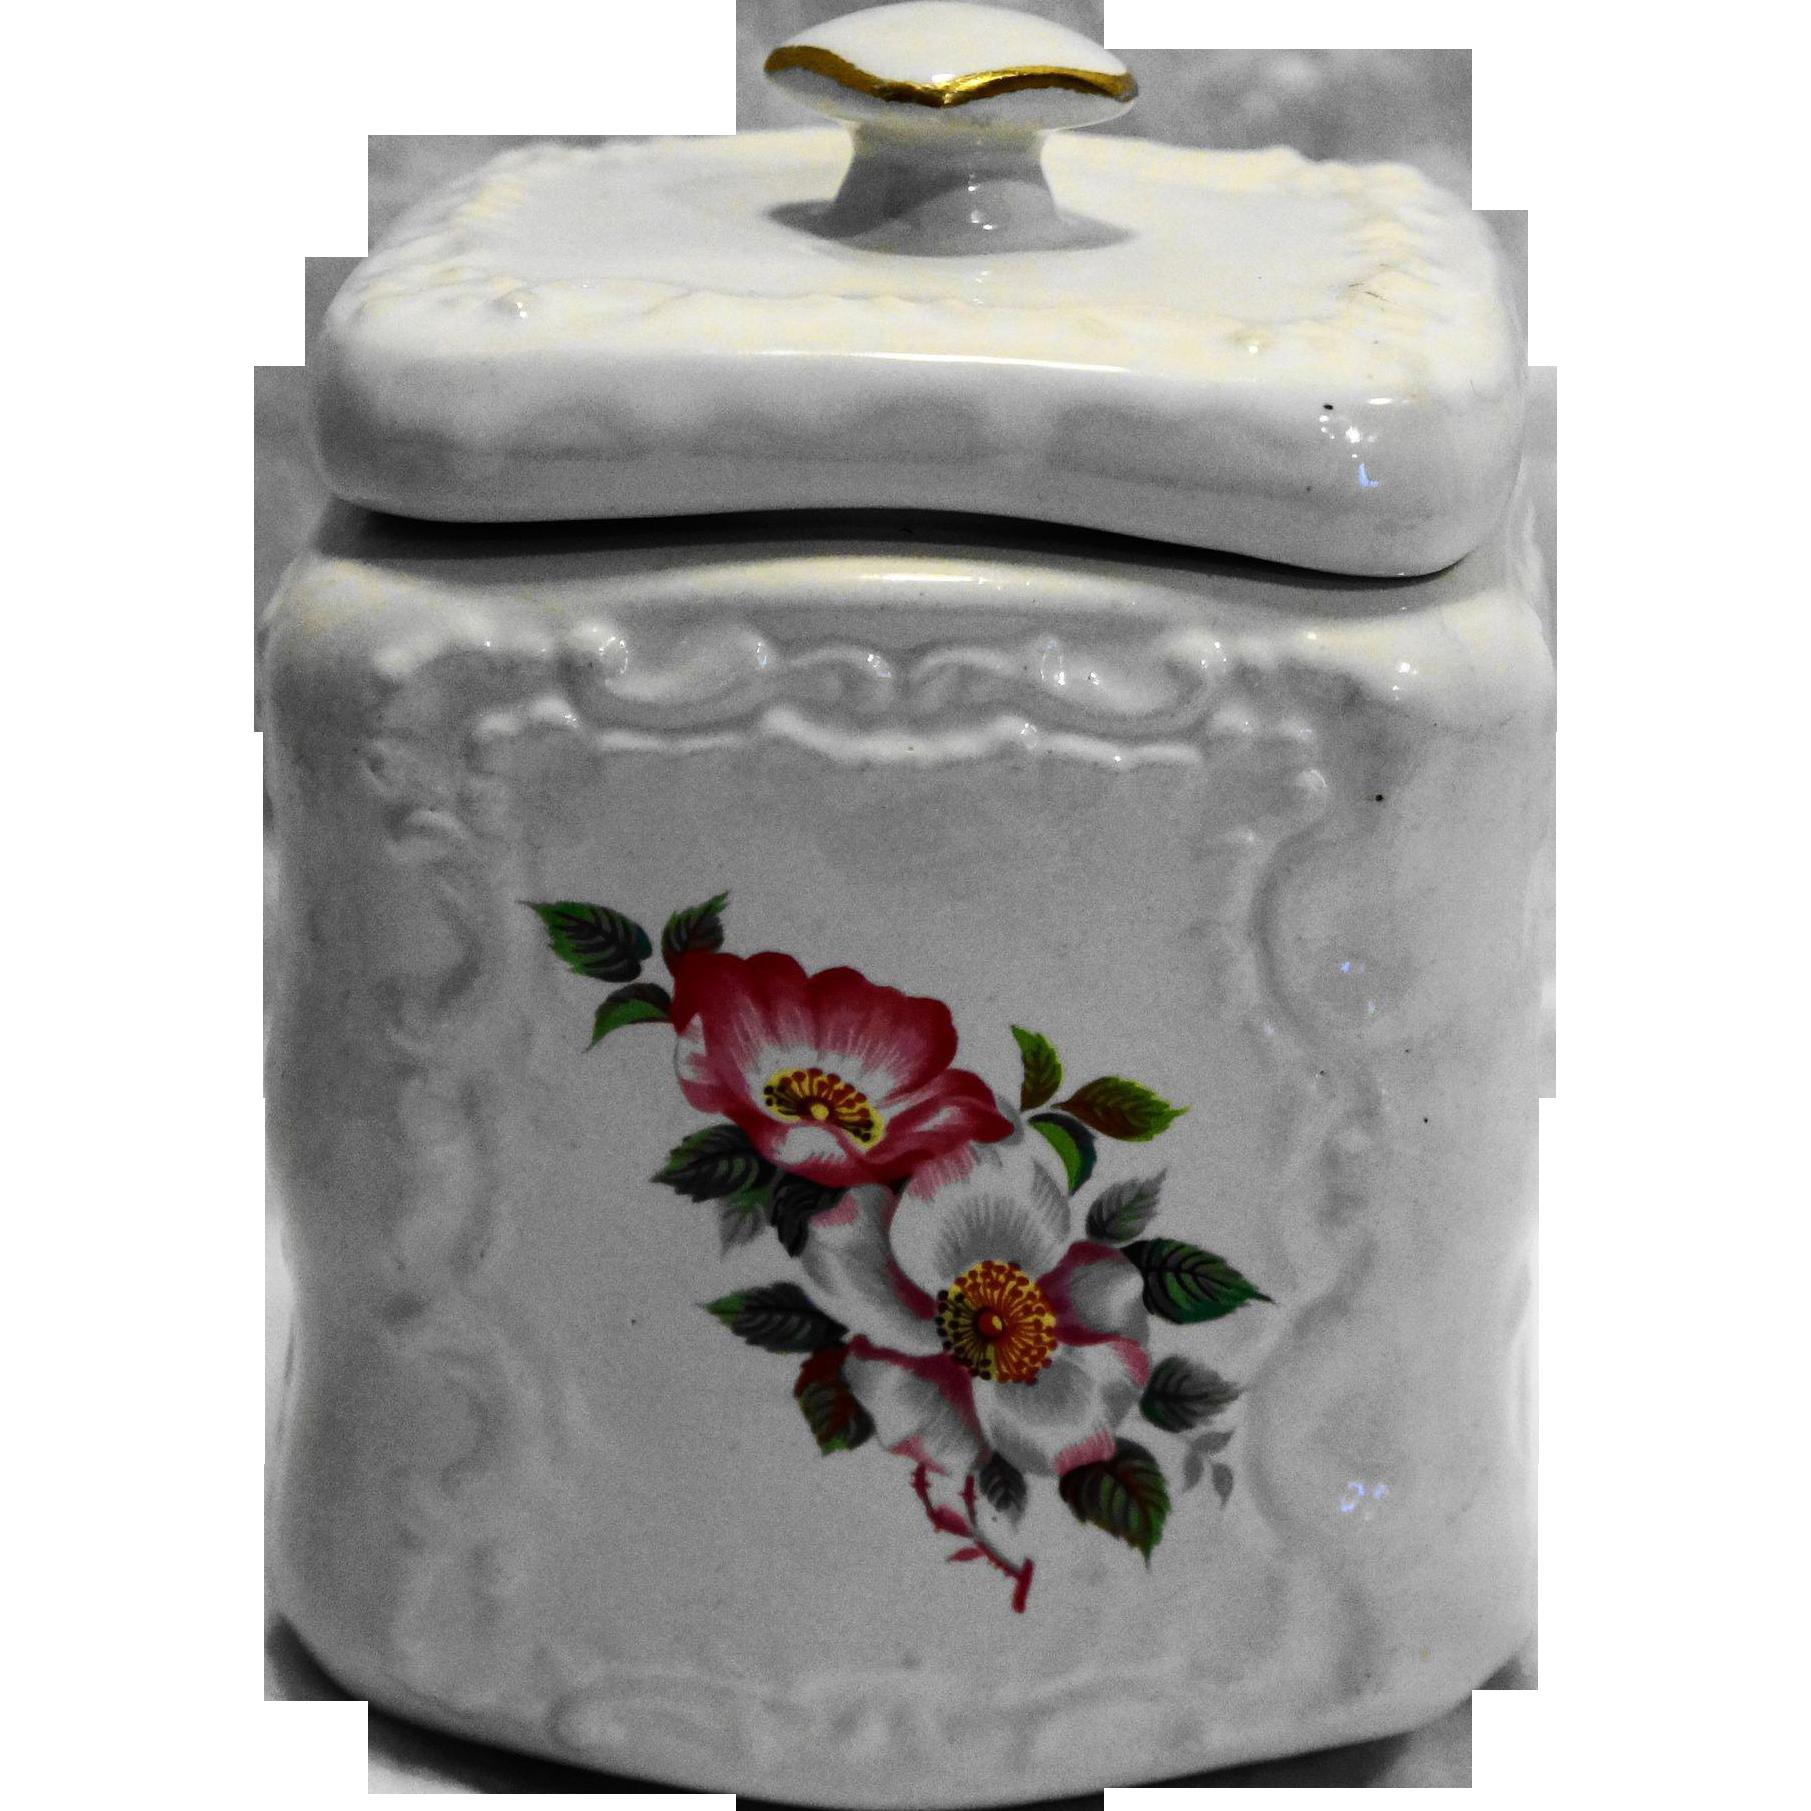 House of Webster Ceramics Briar Rose White Embossed Canister Biscuit Jar